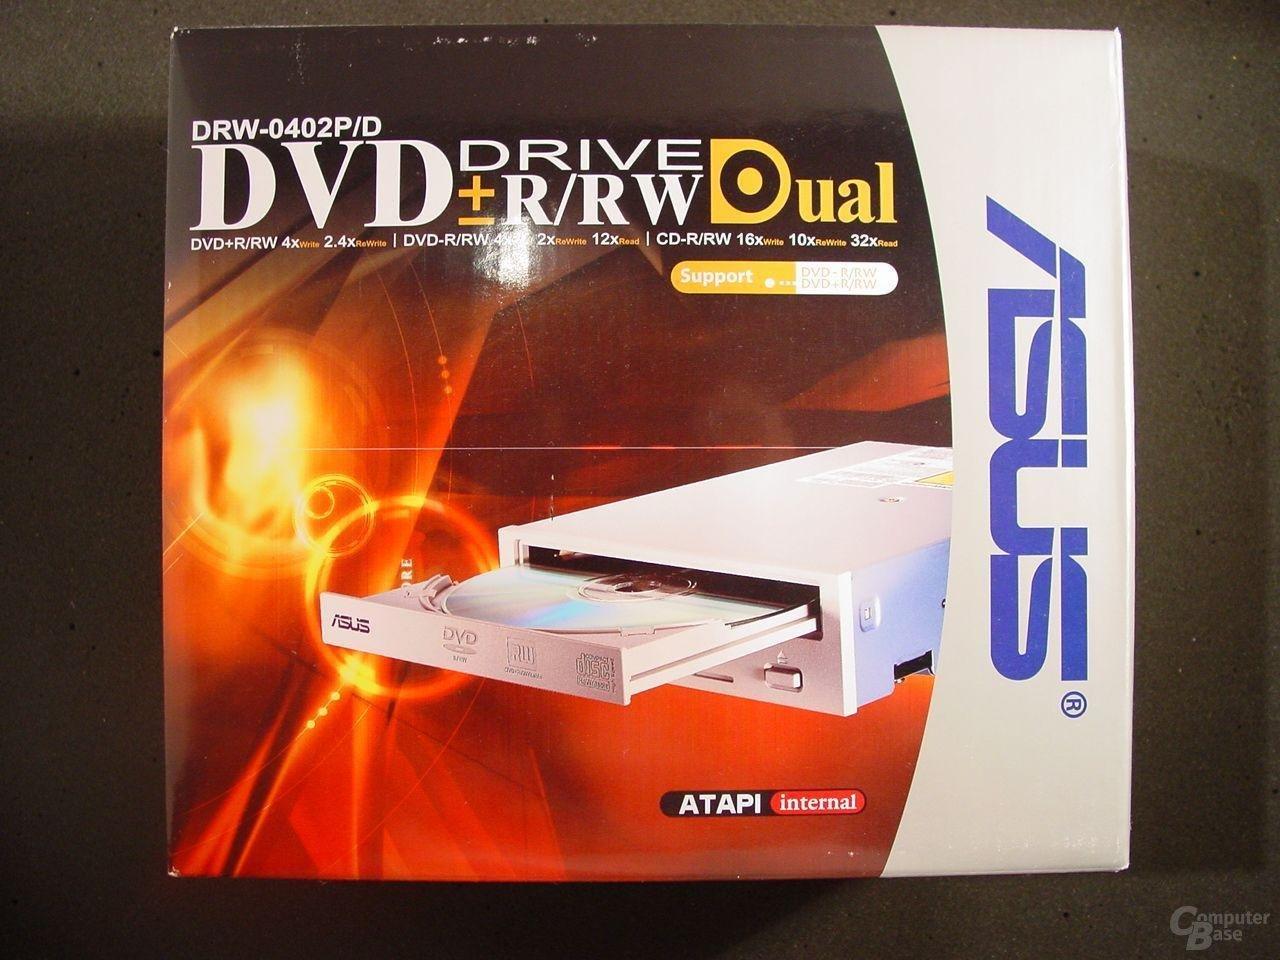 Verpackung Asus DRW-0402P